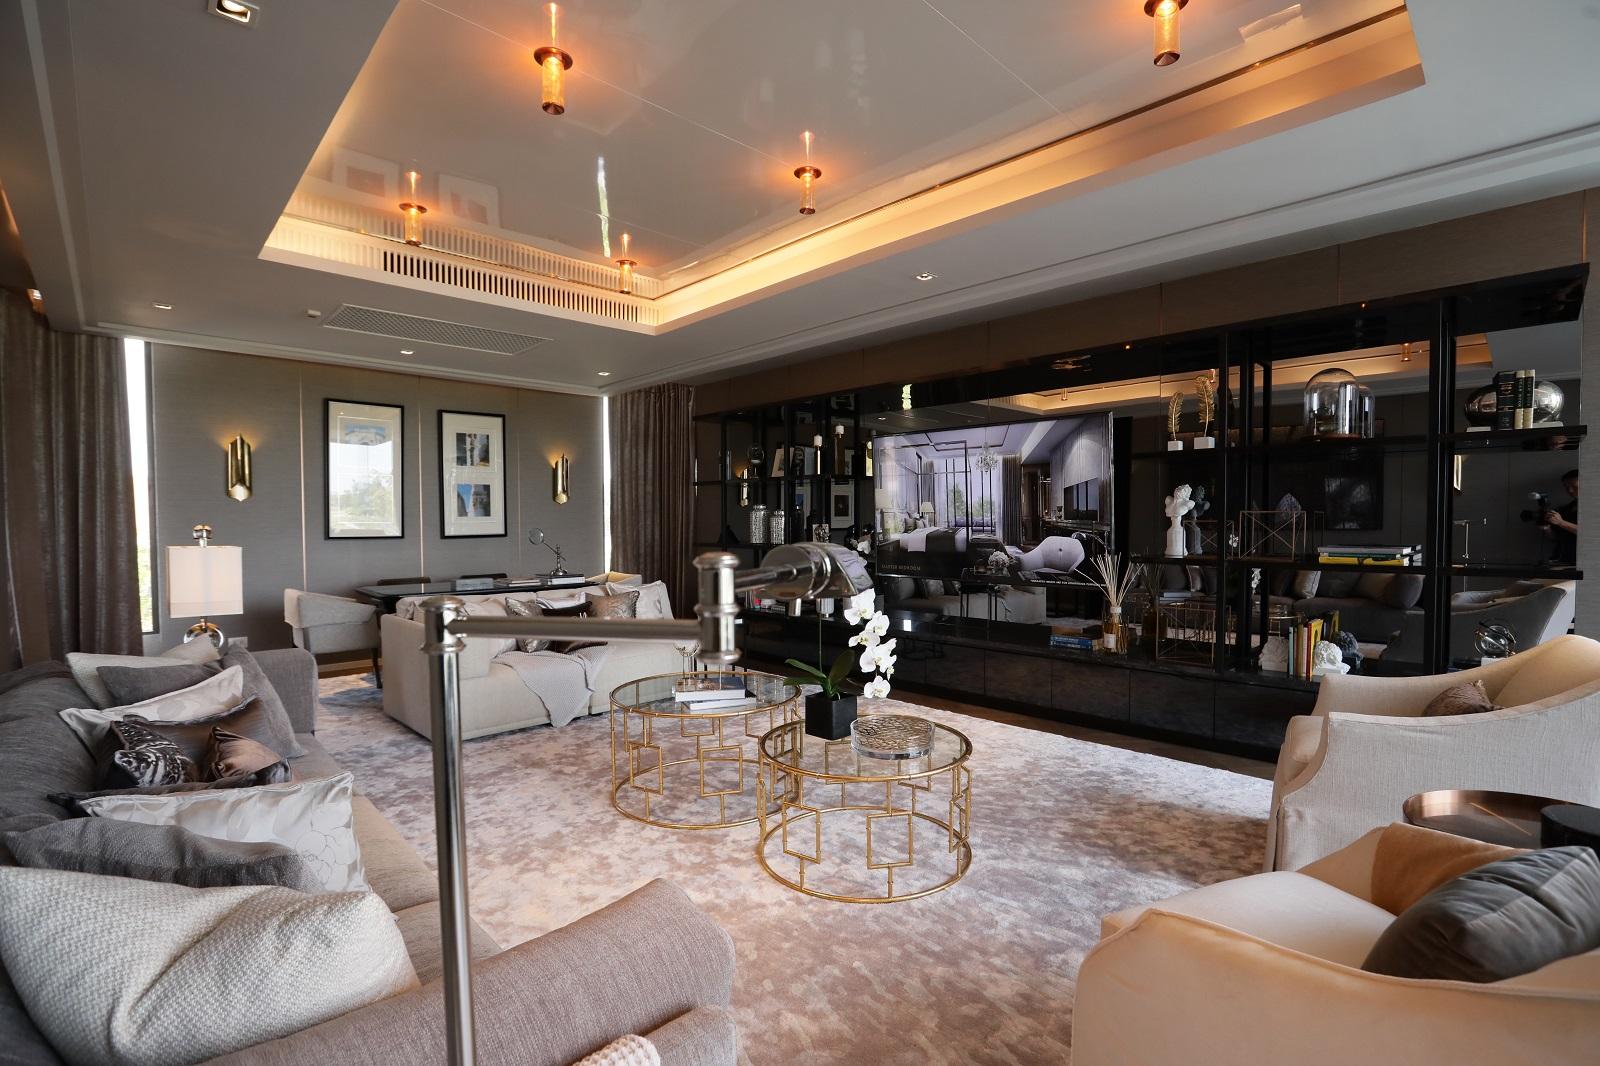 เมเจอร์ ดีเวลลอปเม้นท์ ลุยตลาดบ้านเดี่ยวระดับ Super Luxury